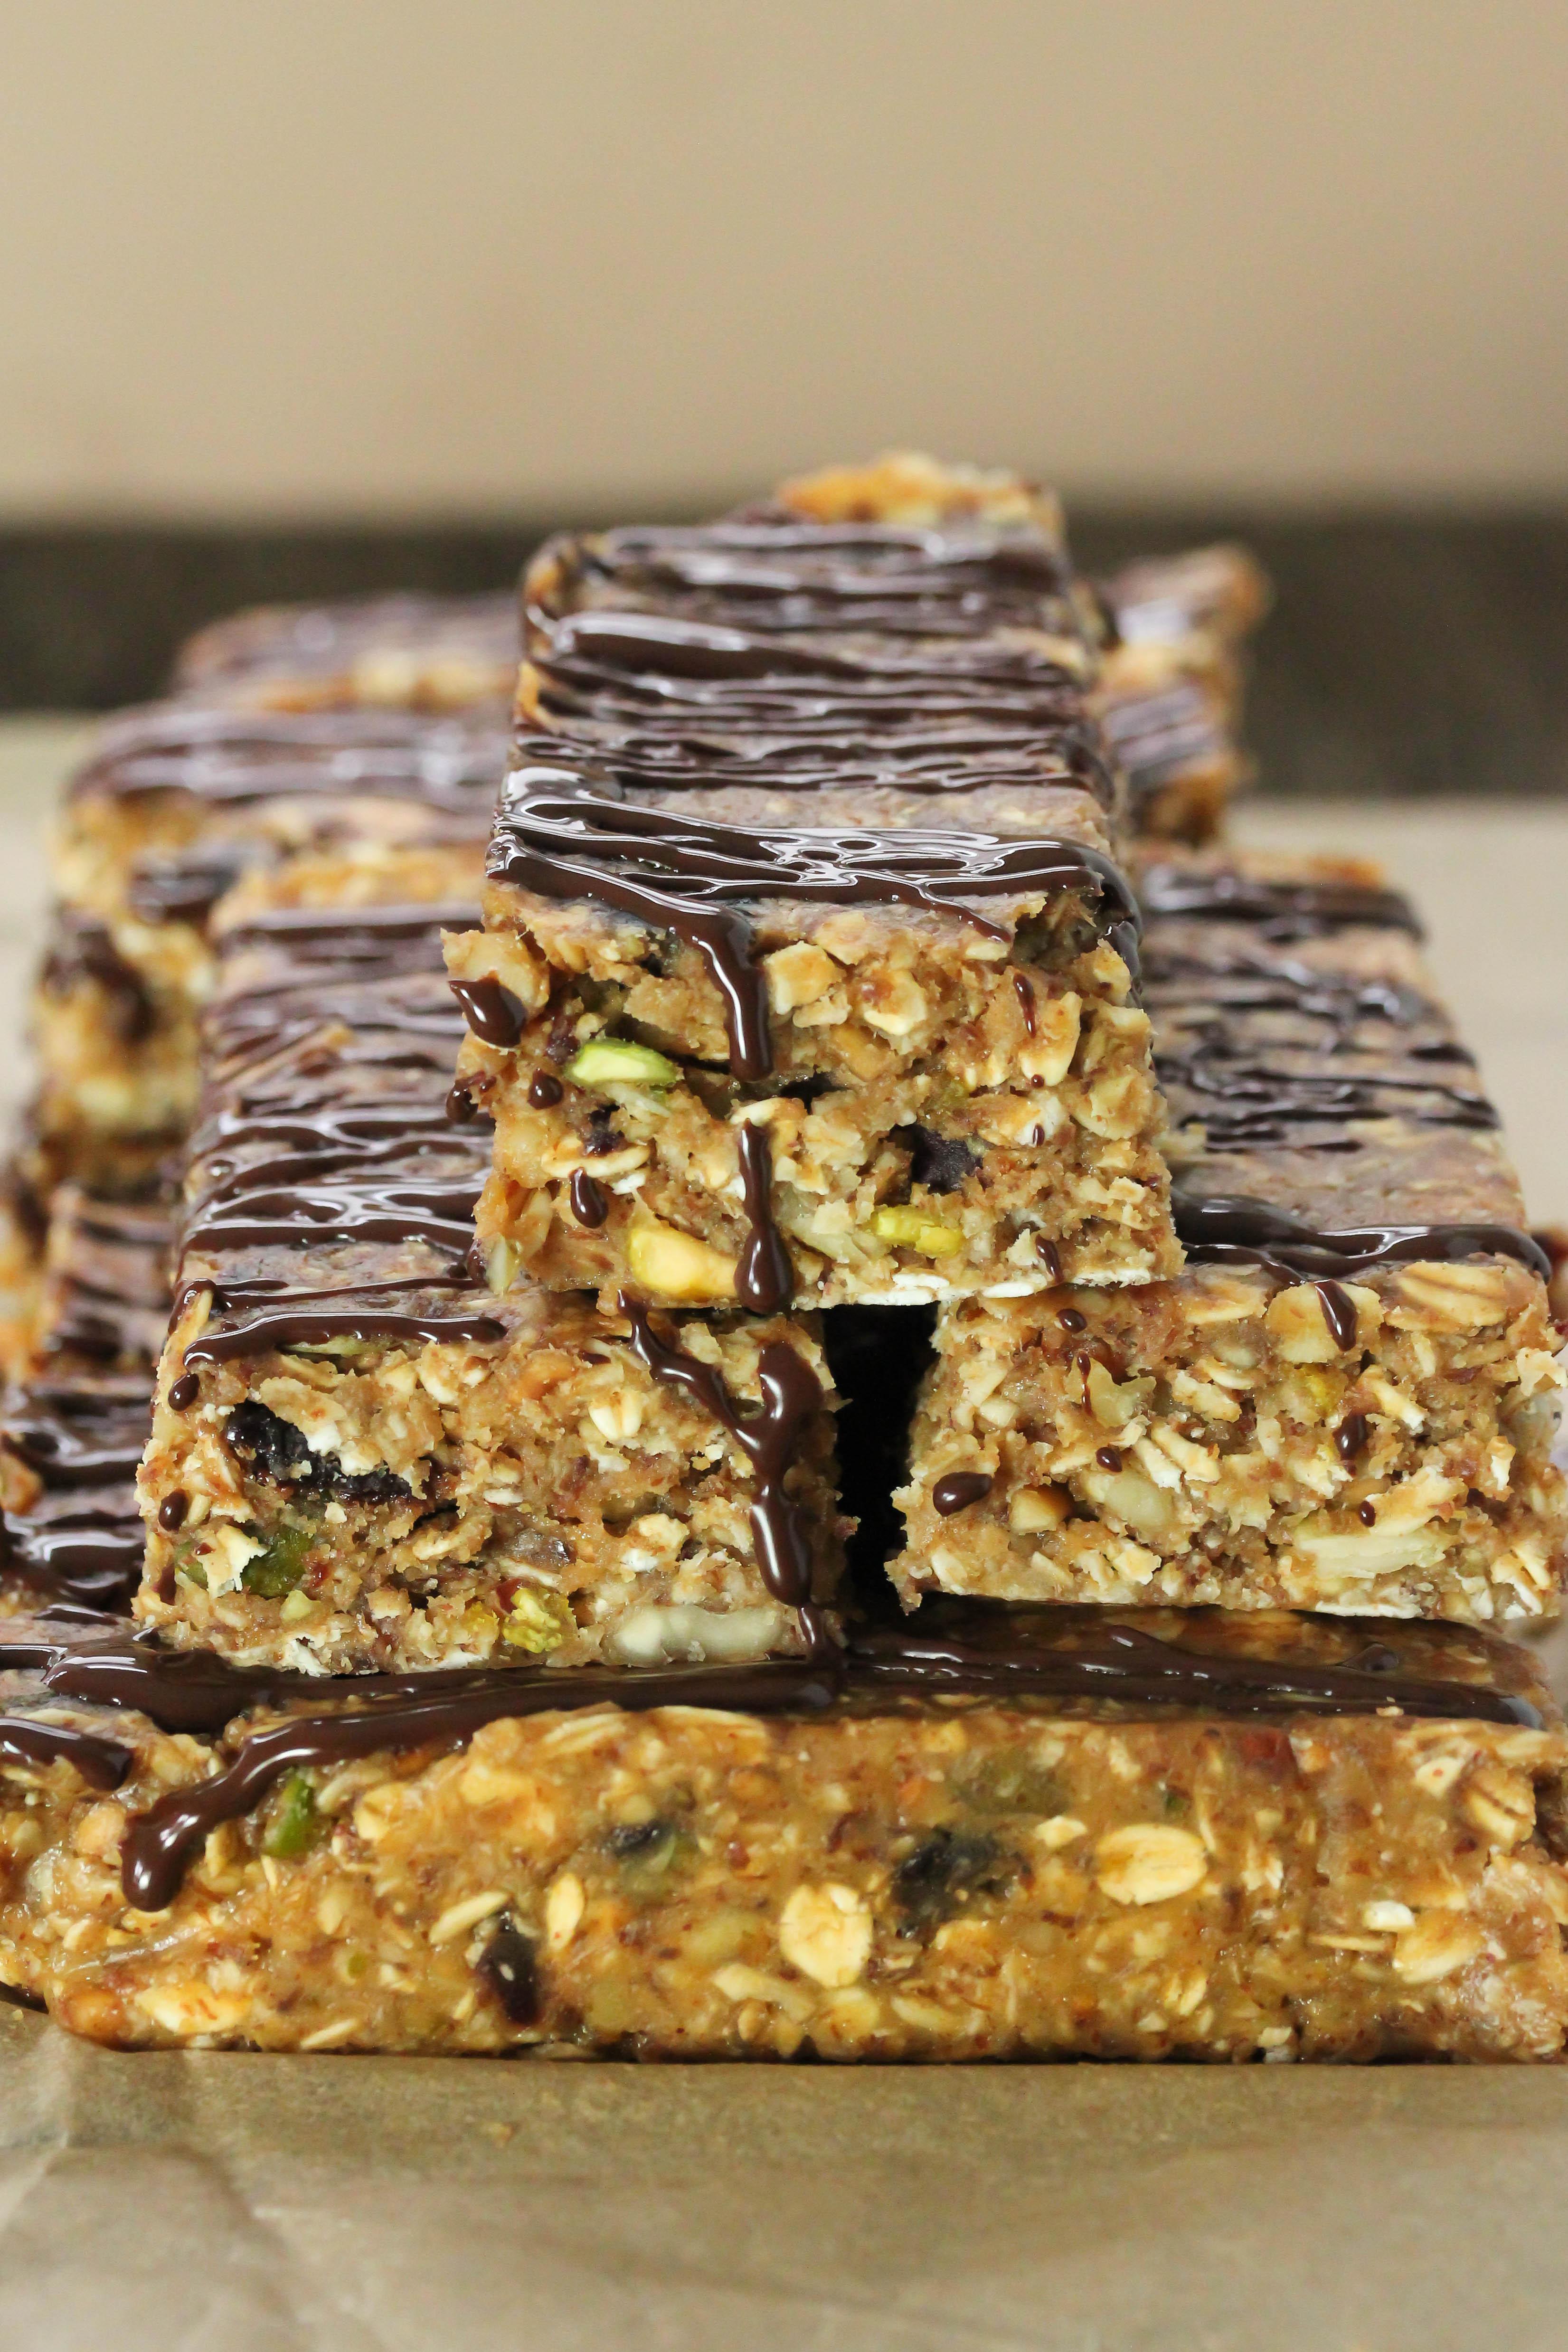 Breakfast Bars Recipes  No bake breakfast bars Gluten free vegan